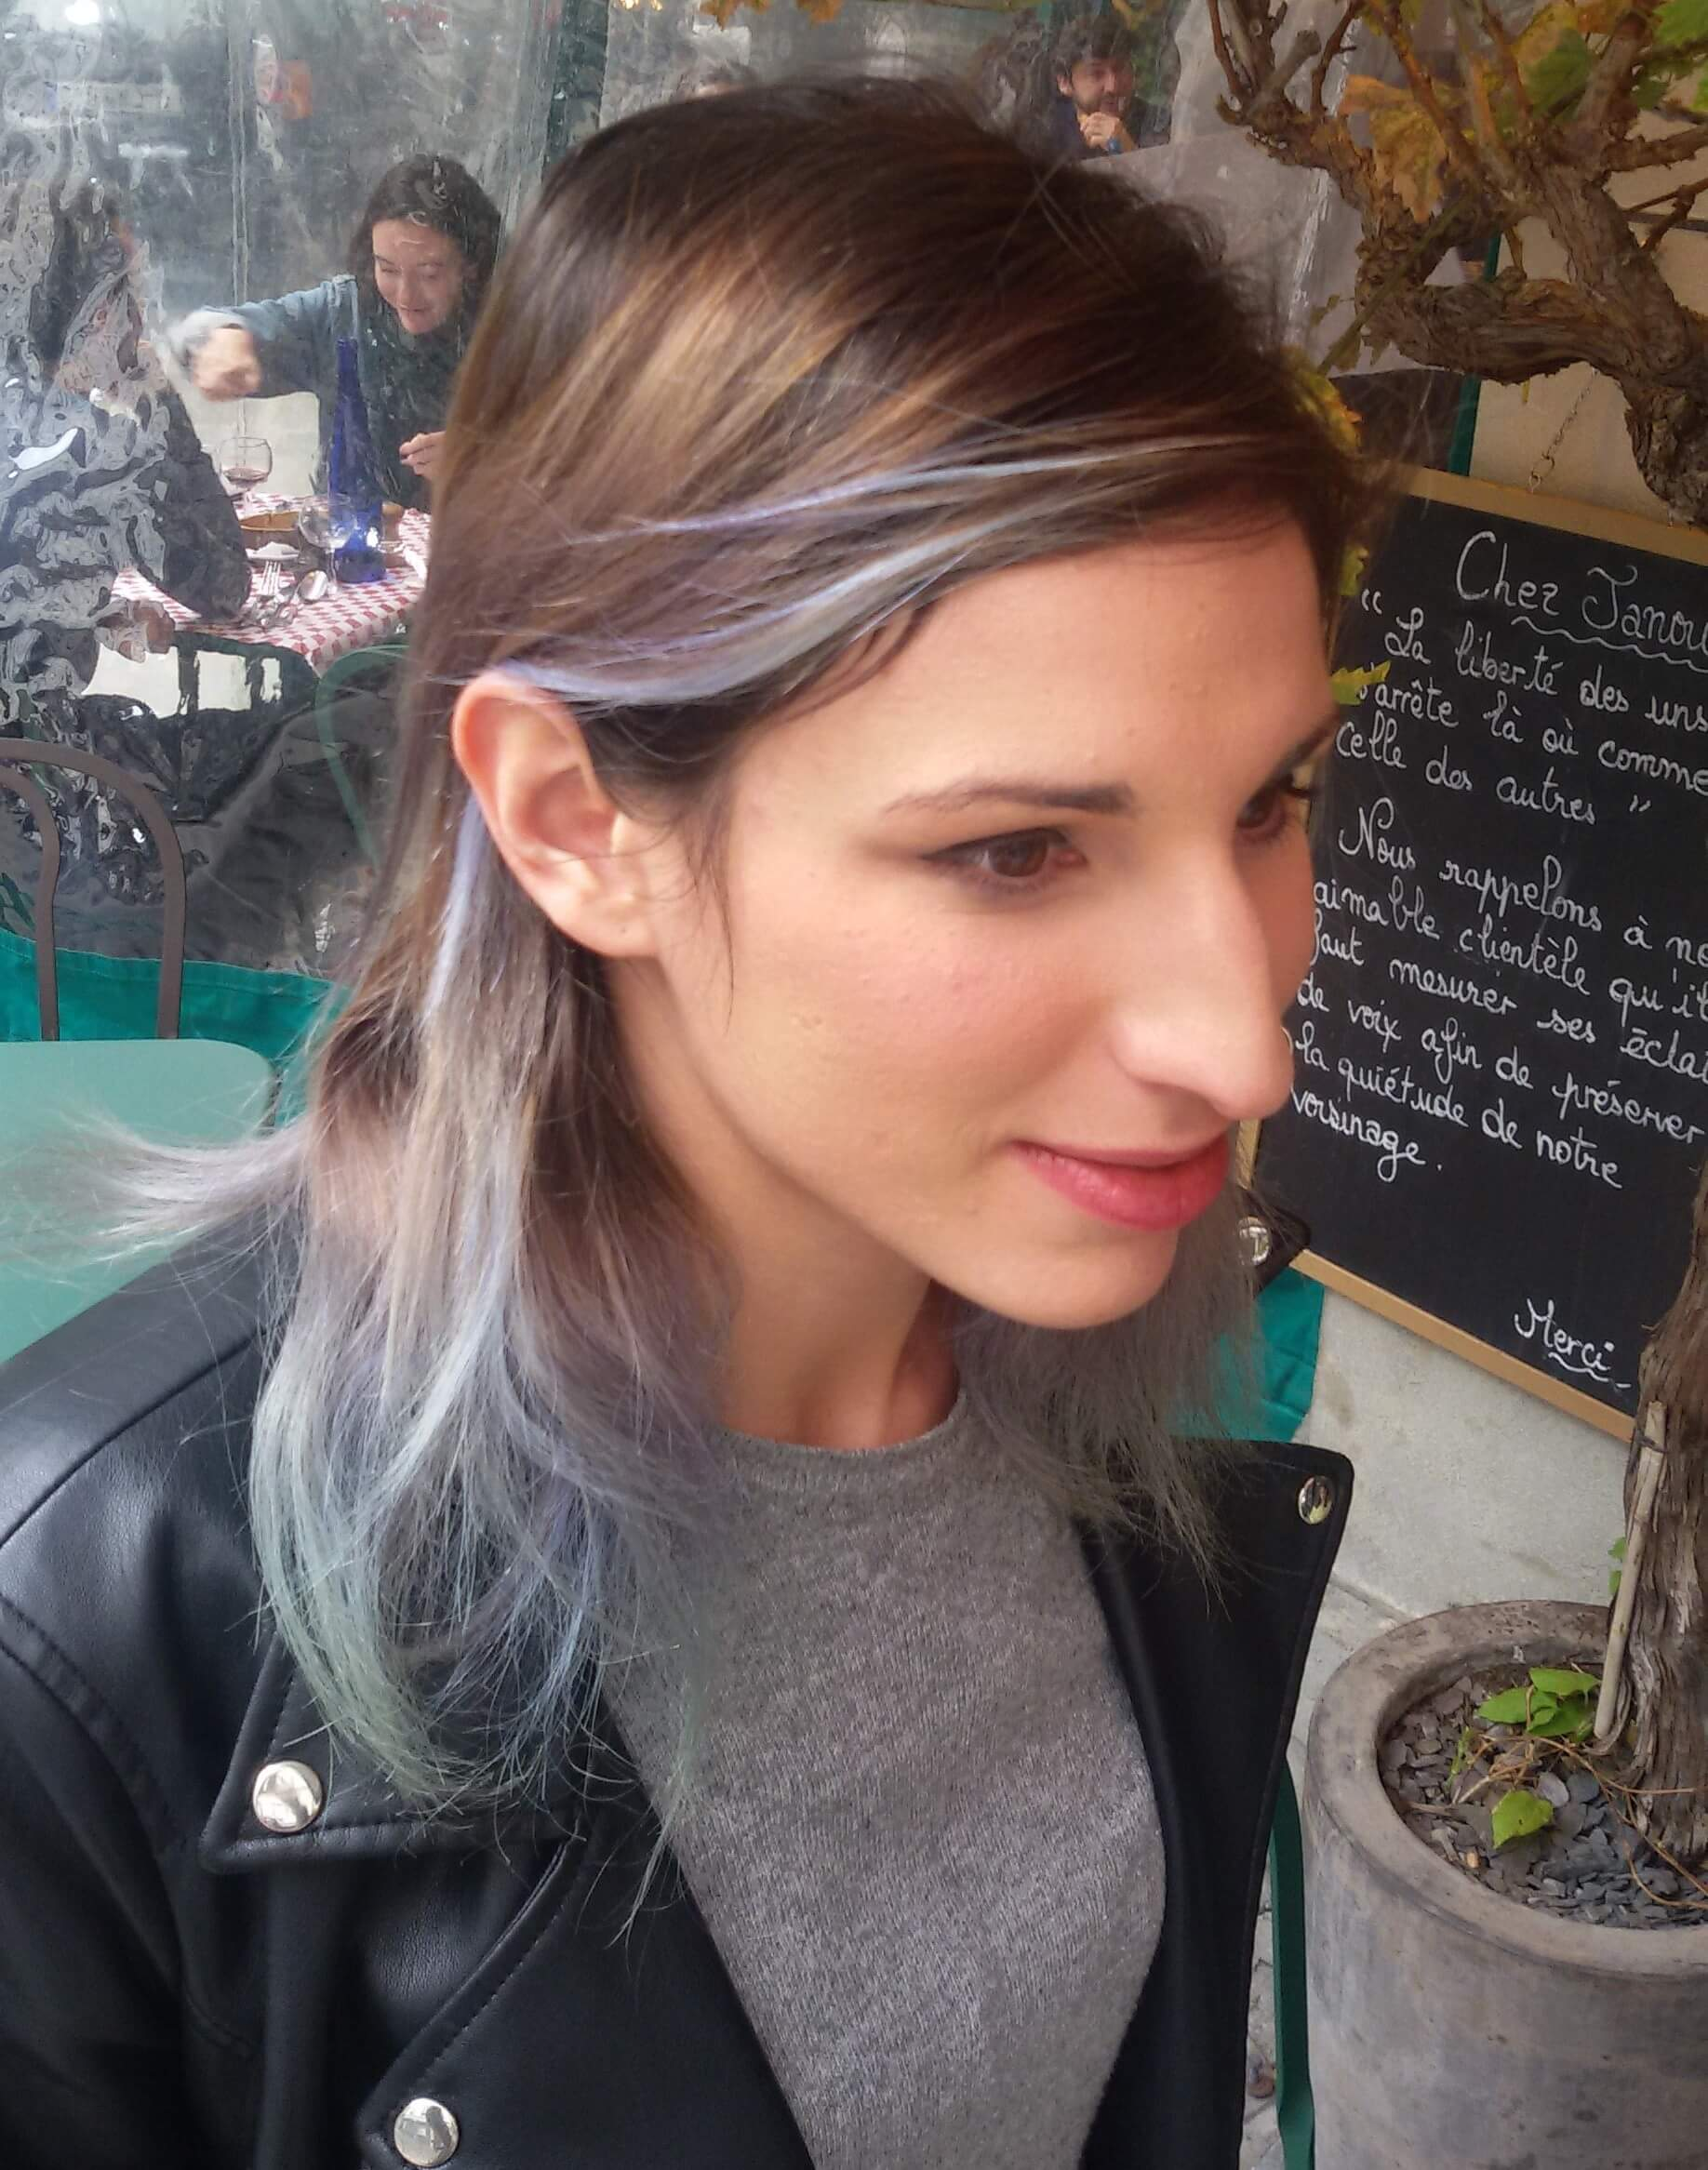 Il biondo è superato. Donne amano le chiome grigio-blu, moda da Parigi